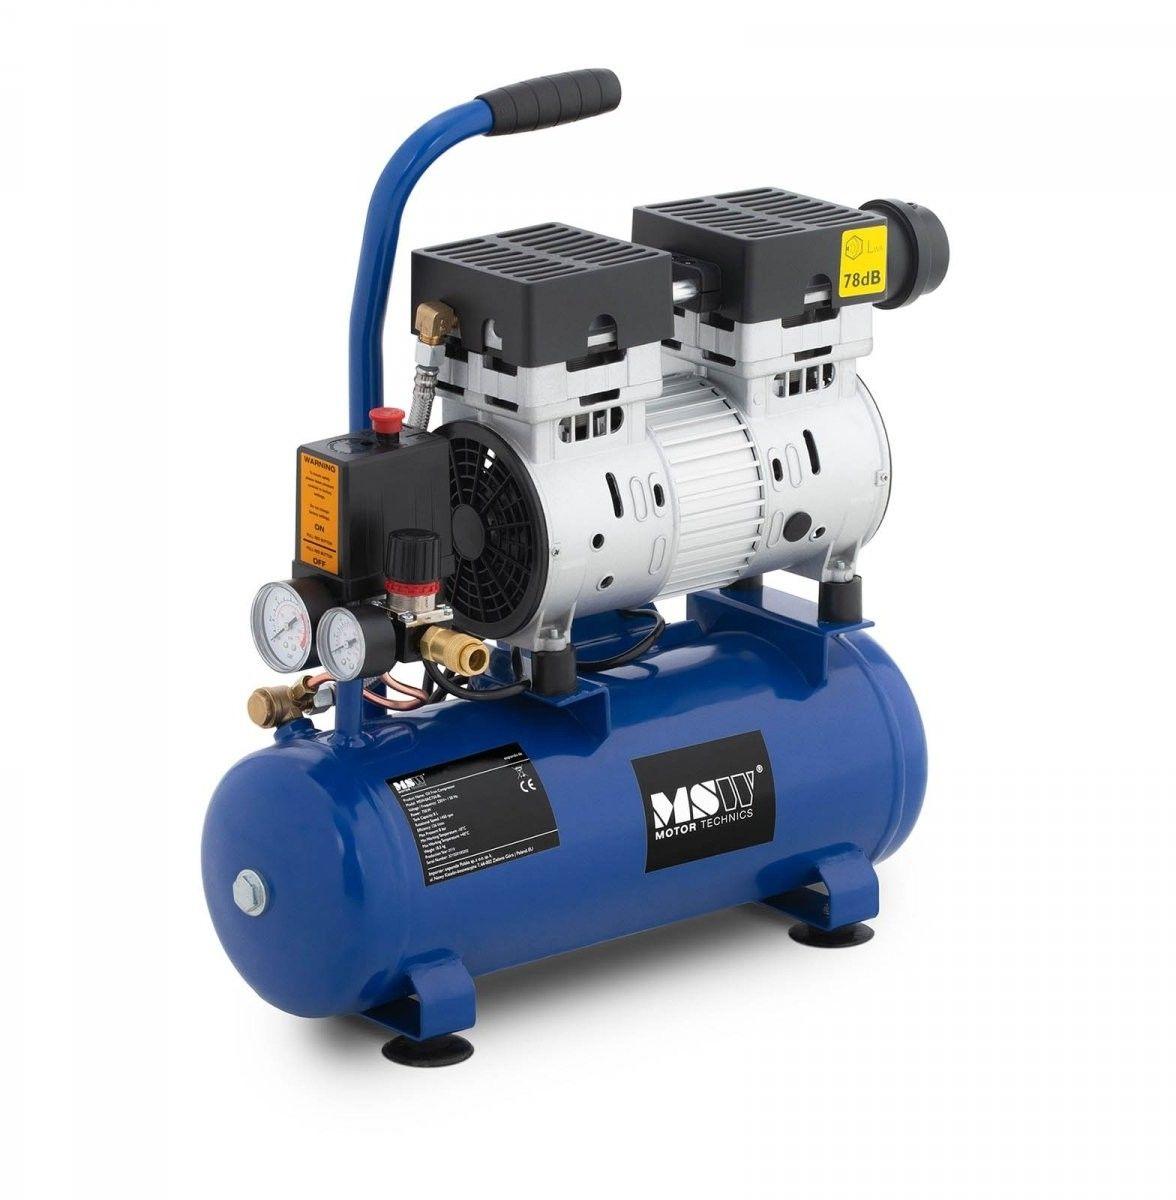 Kompresor bezolejowy - 750 W - 8 l - 8 bar - MSW - MSW-0AC750-8L - 3 lata gwarancji/wysyłka w 24h